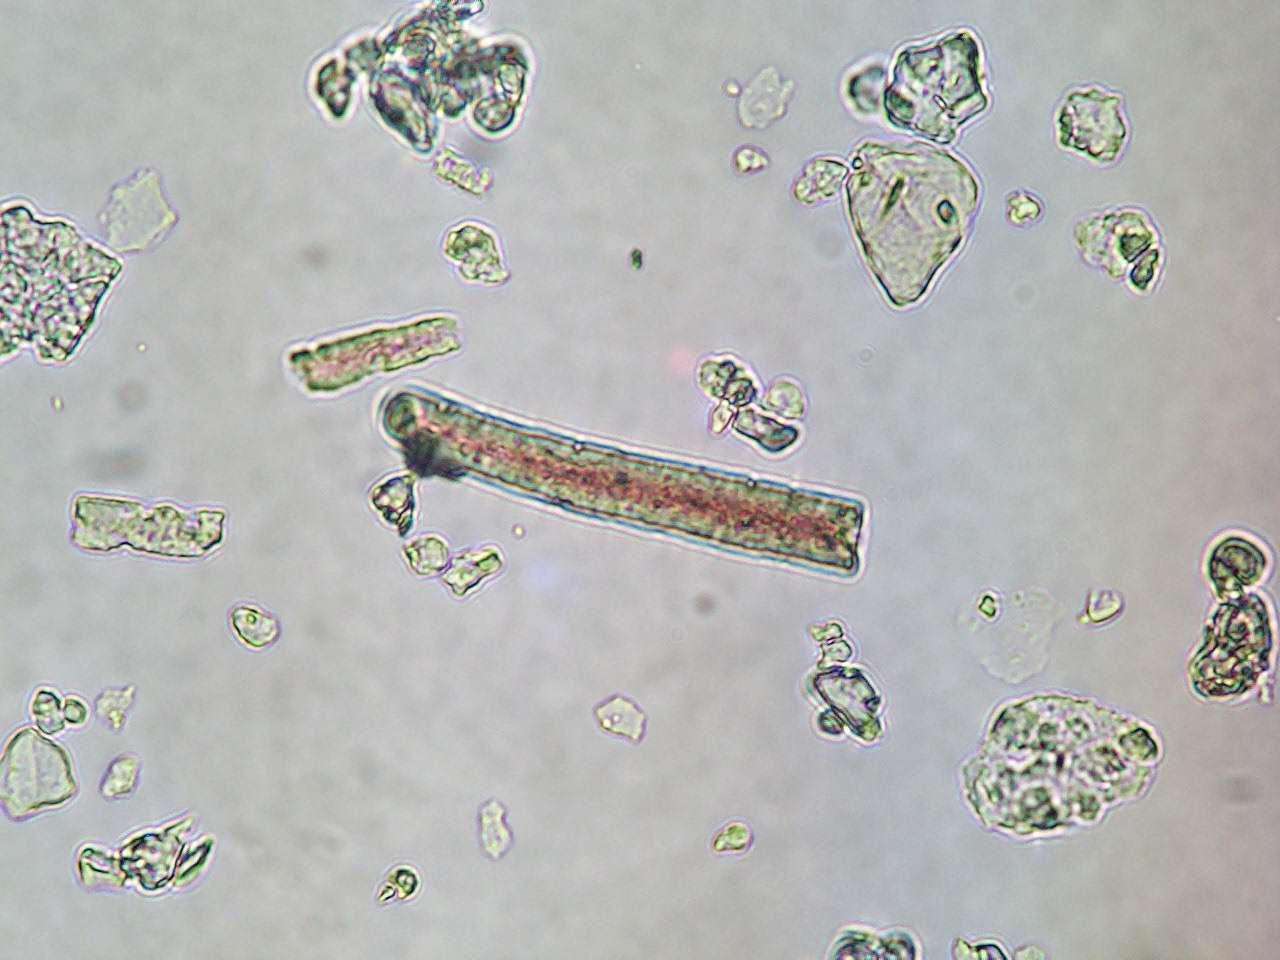 Photographie au microscope d'un phytolithe, en forme de cellule allongée. © Henri-Georges Naton, Wikipédia, GNU 1.2